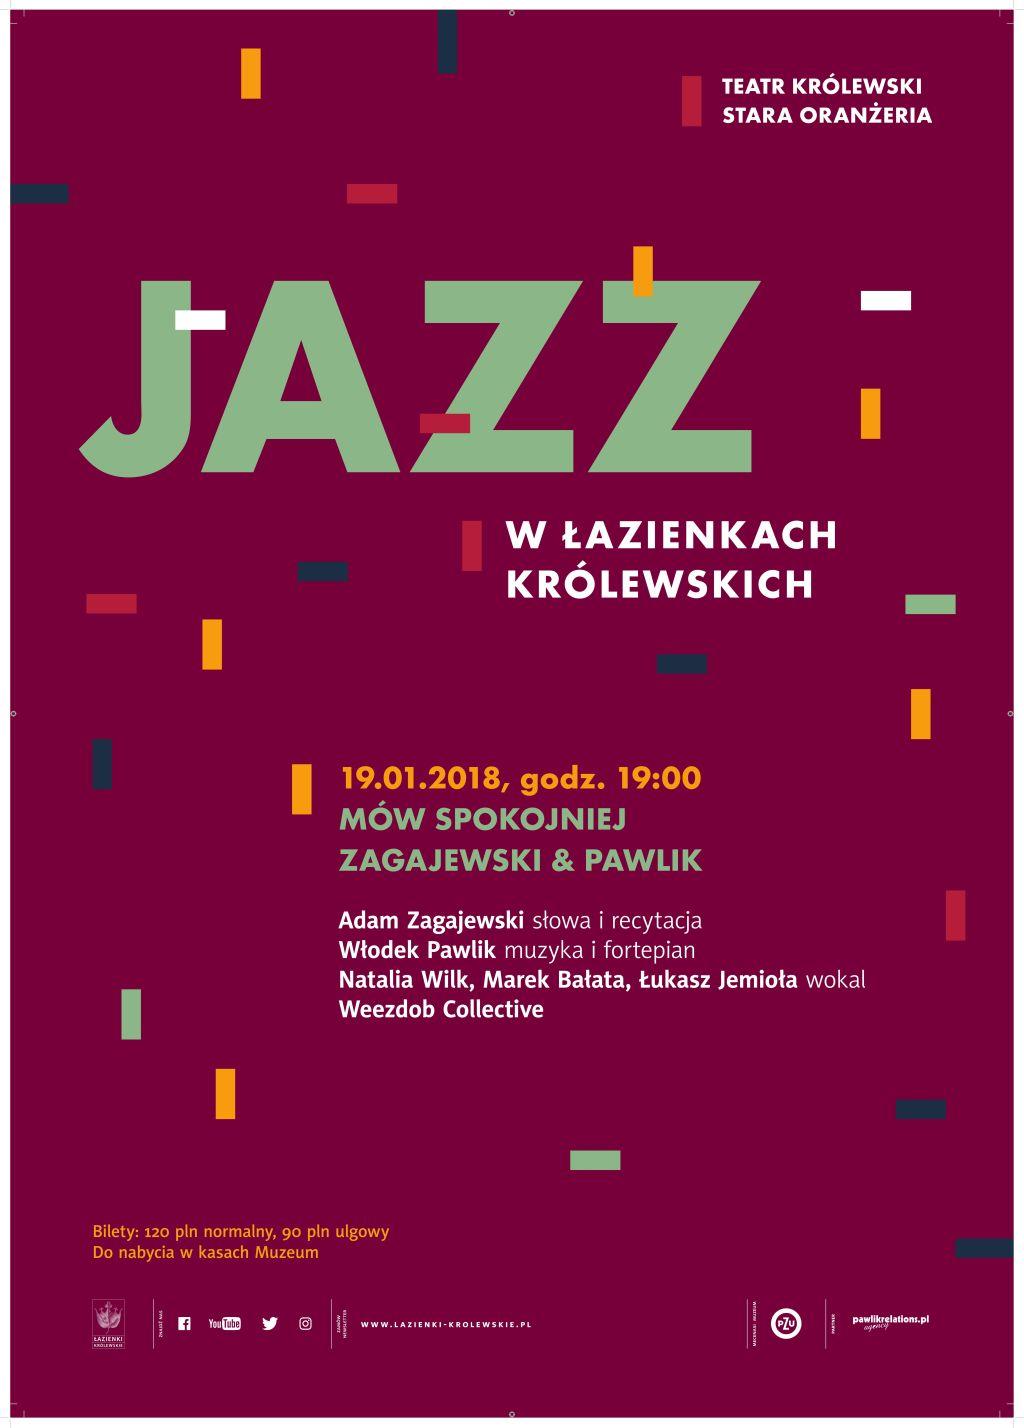 """Jazz w Łazienkach Królewskich. Zagajewski&Pawlik, """"Mów spokojniej"""" (źródło: materiały prasowe organizatora)"""